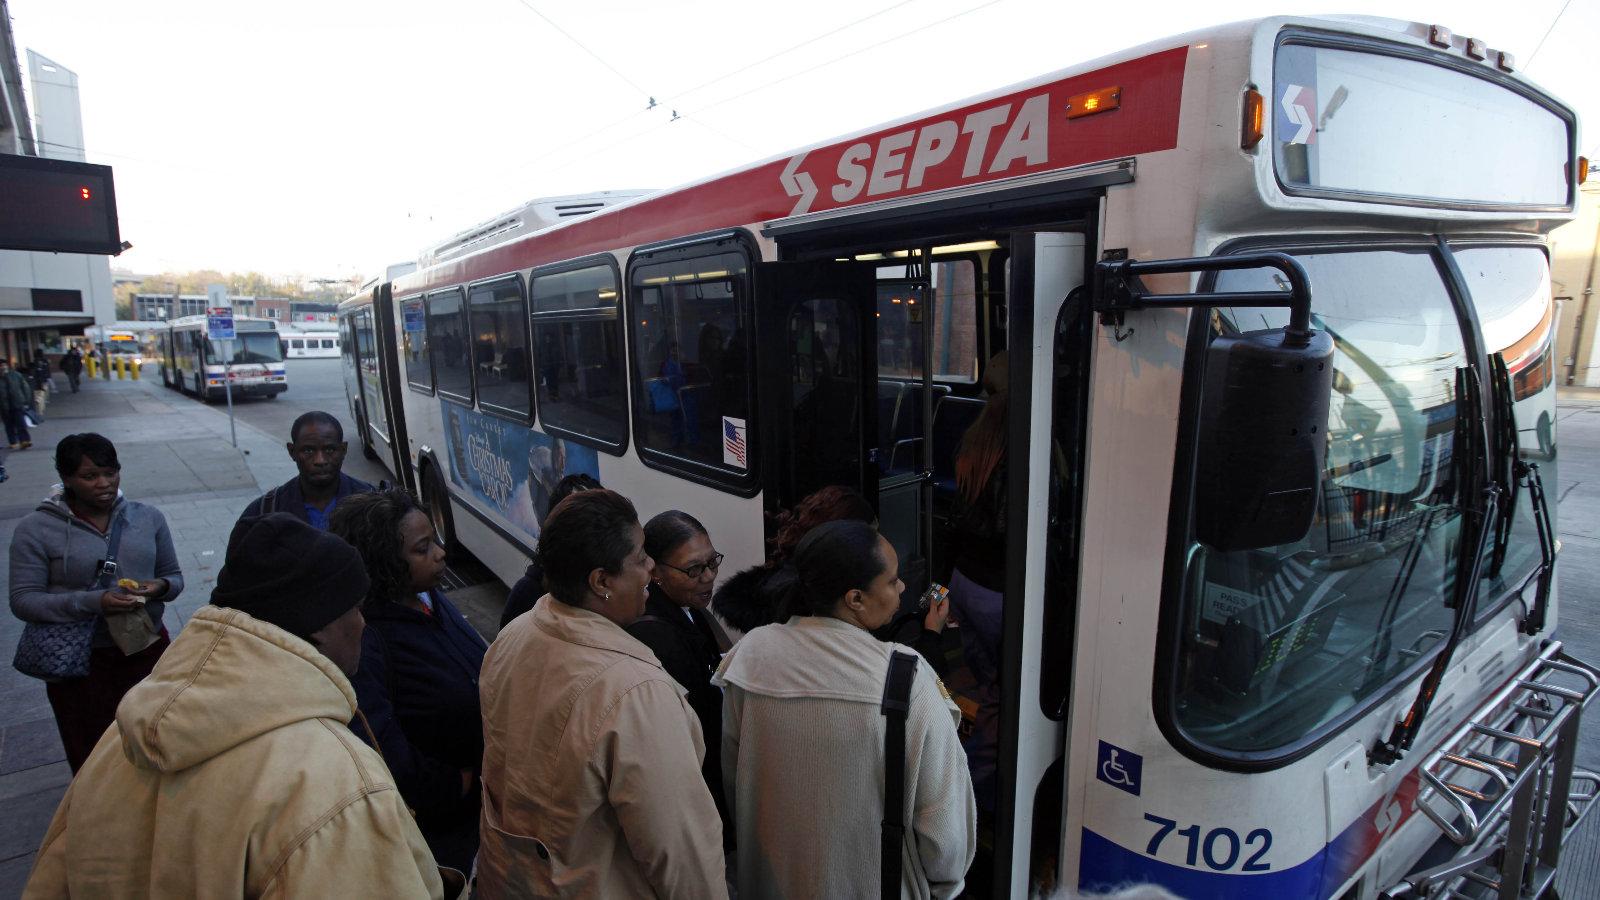 USA, jammer su un autobus per impedire le chiamate da cellulare.